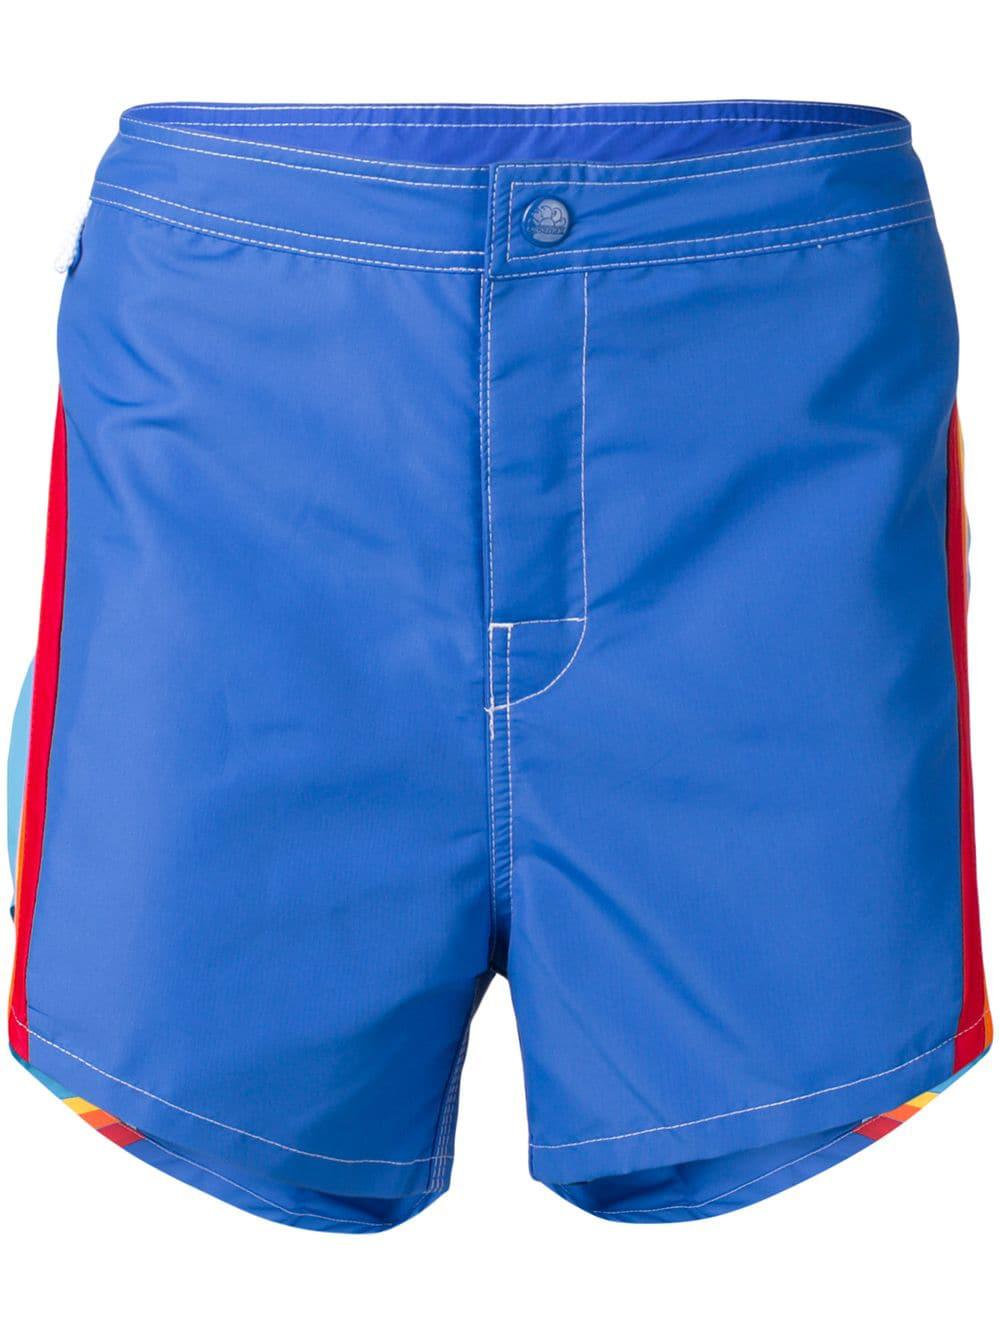 fdadbddf99 Msgm X Sundek Swim Shorts - Blue | ModeSens